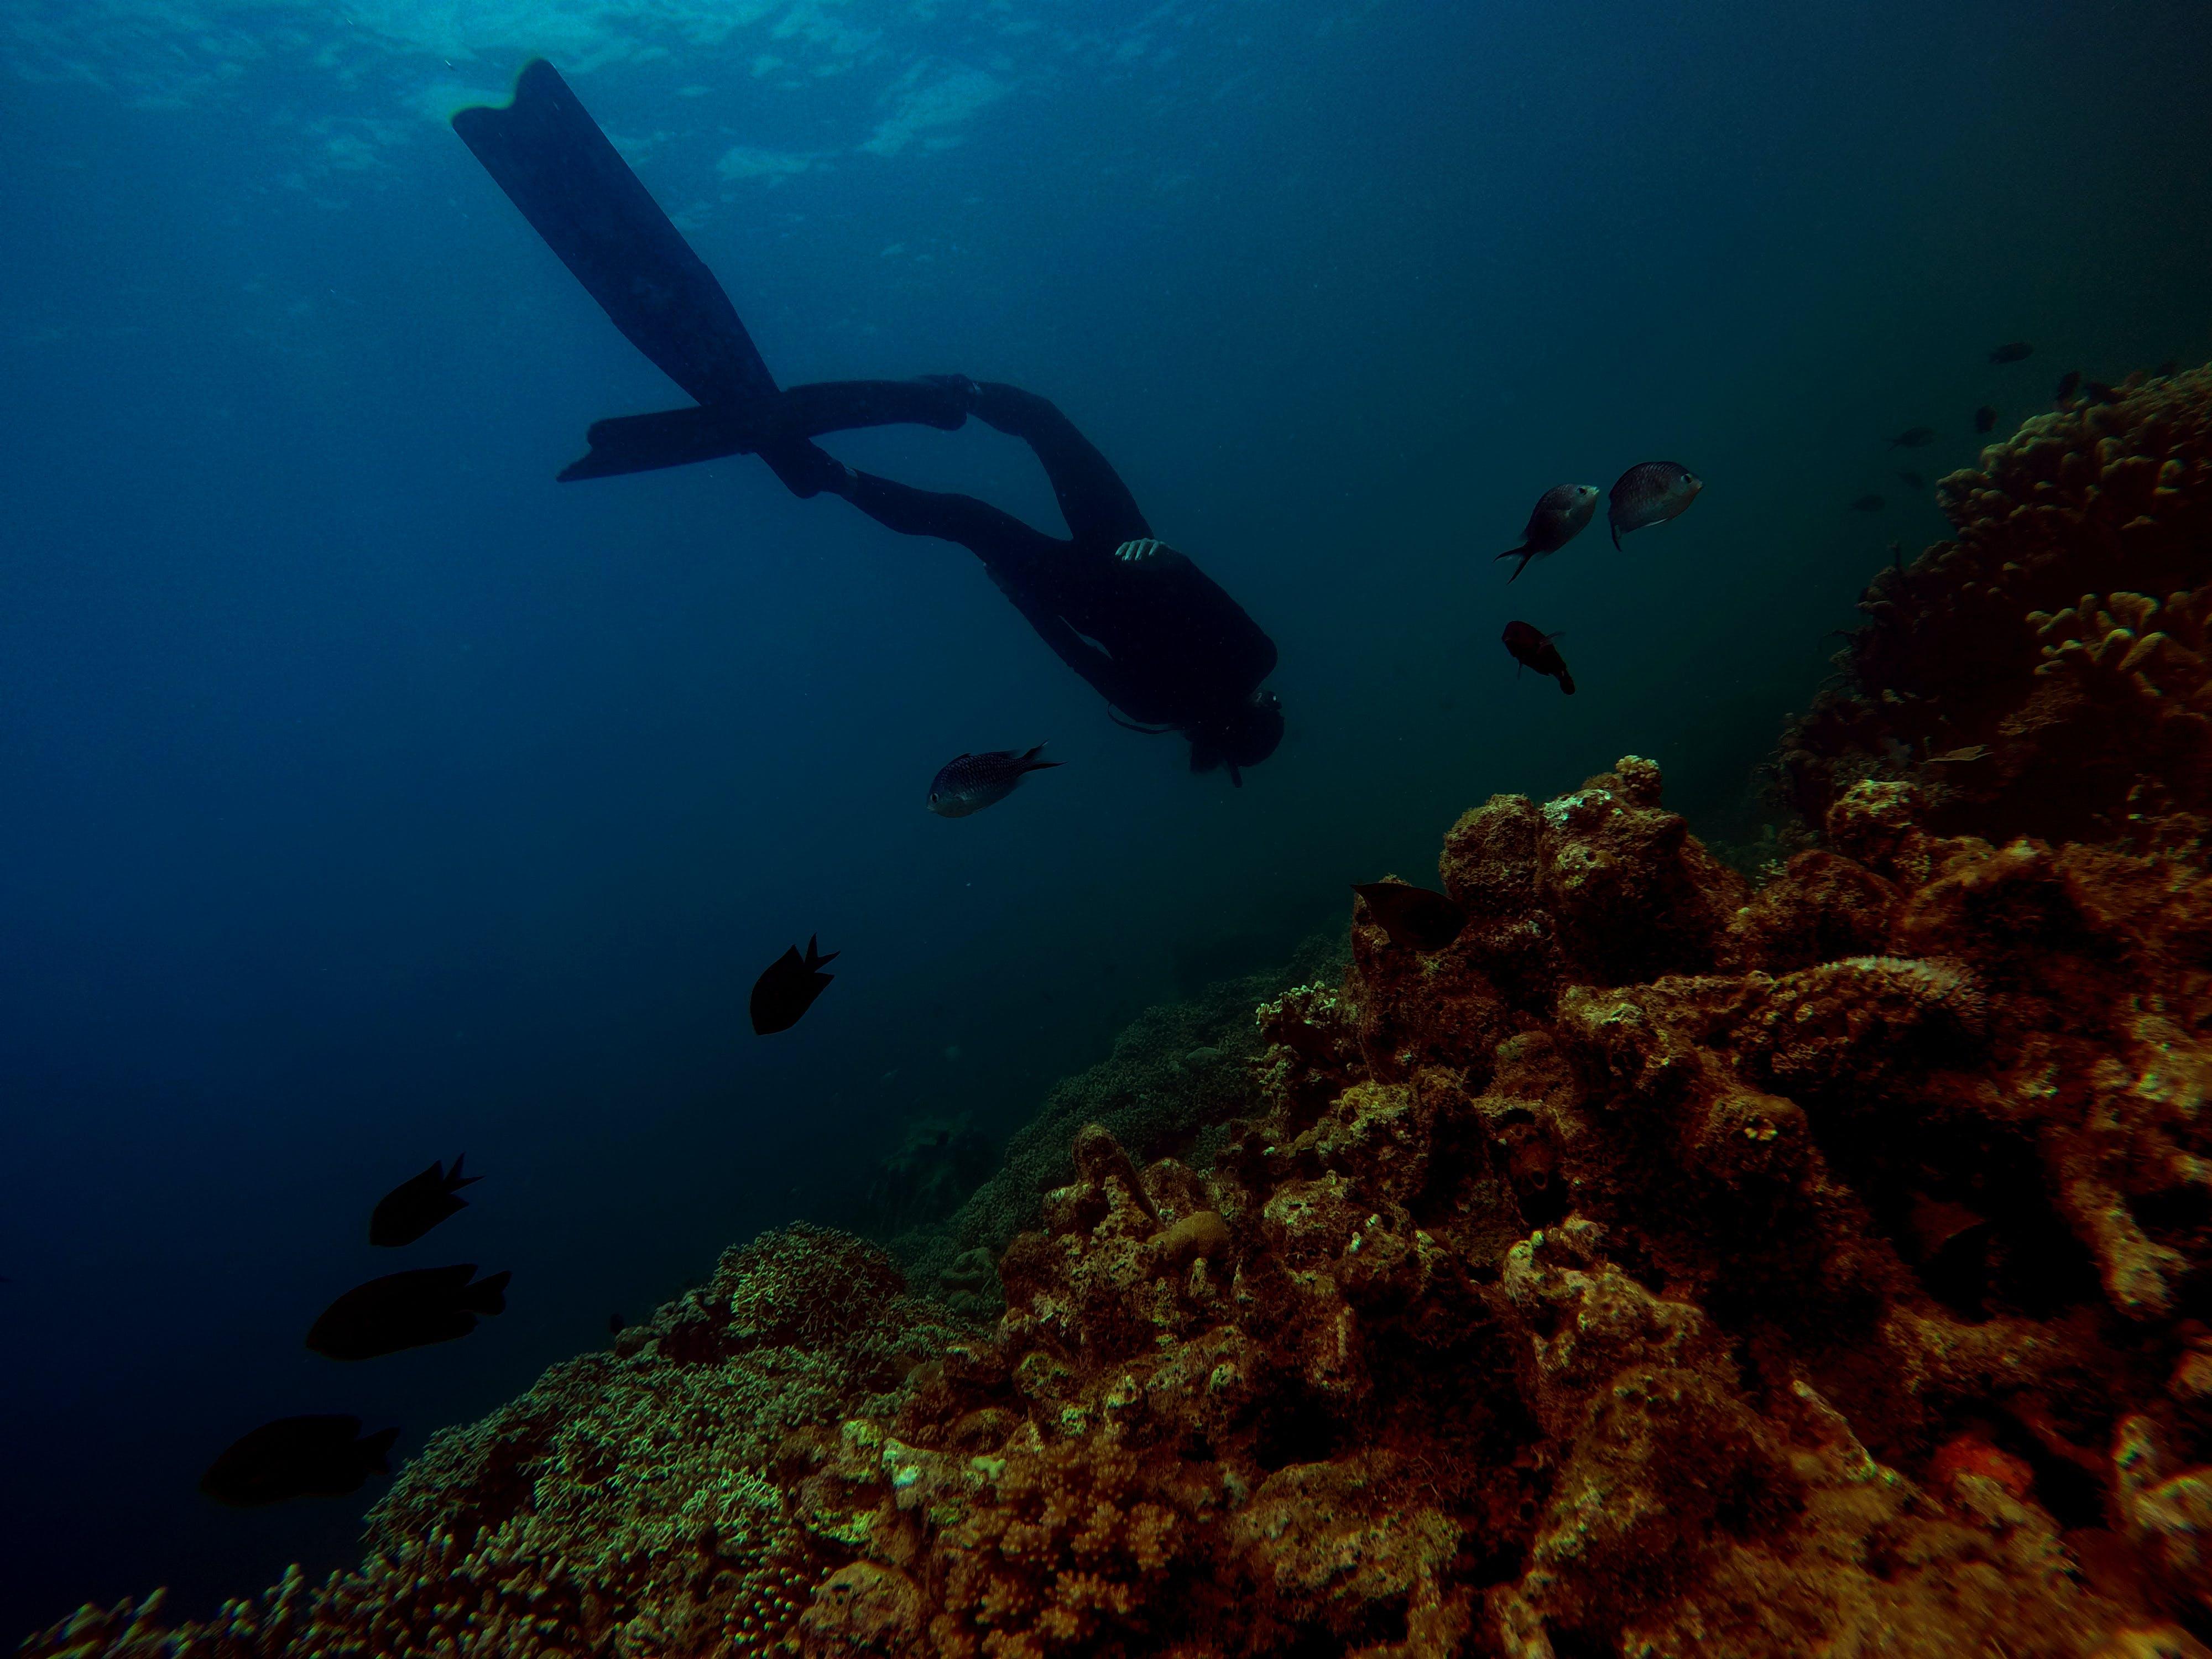 Kostenloses Stock Foto zu baden, fisch, gerätetauchen, korallen